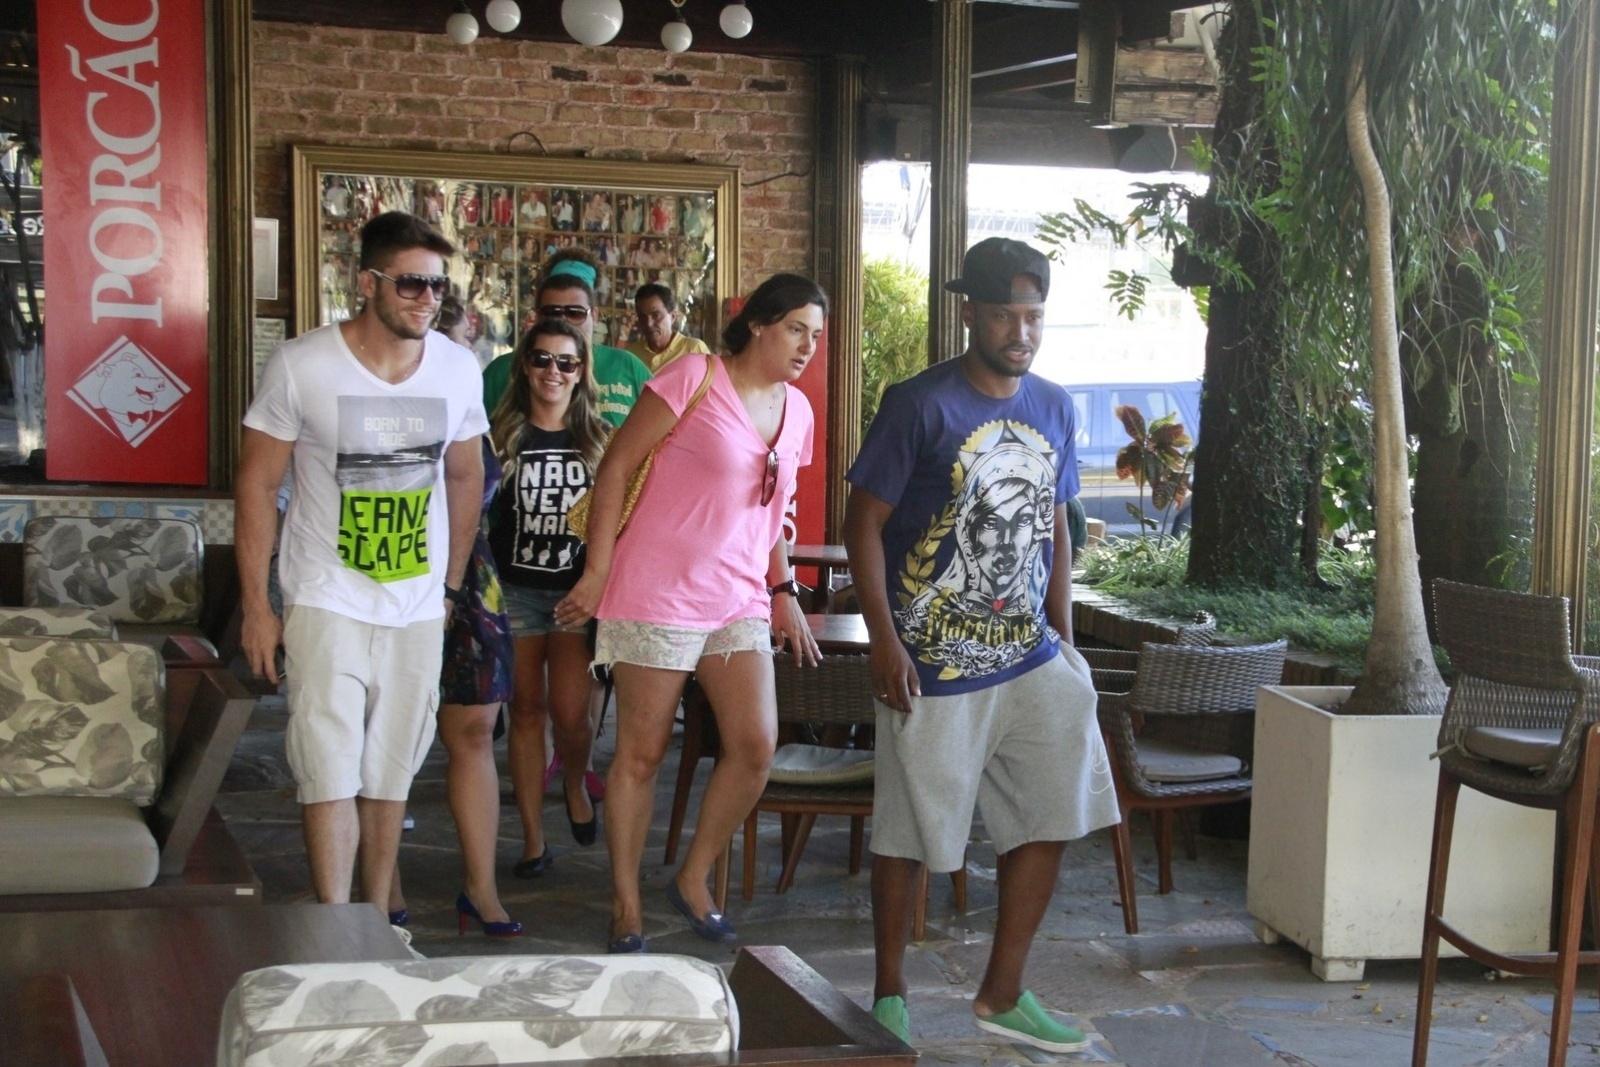 20.jan.2014 - Thiaguinho e Fernanda Souza compareceram ao aniversário de 19 anos de Francisco, filho de Preta Gil, que foi comemorado em uma churrascaria do Rio